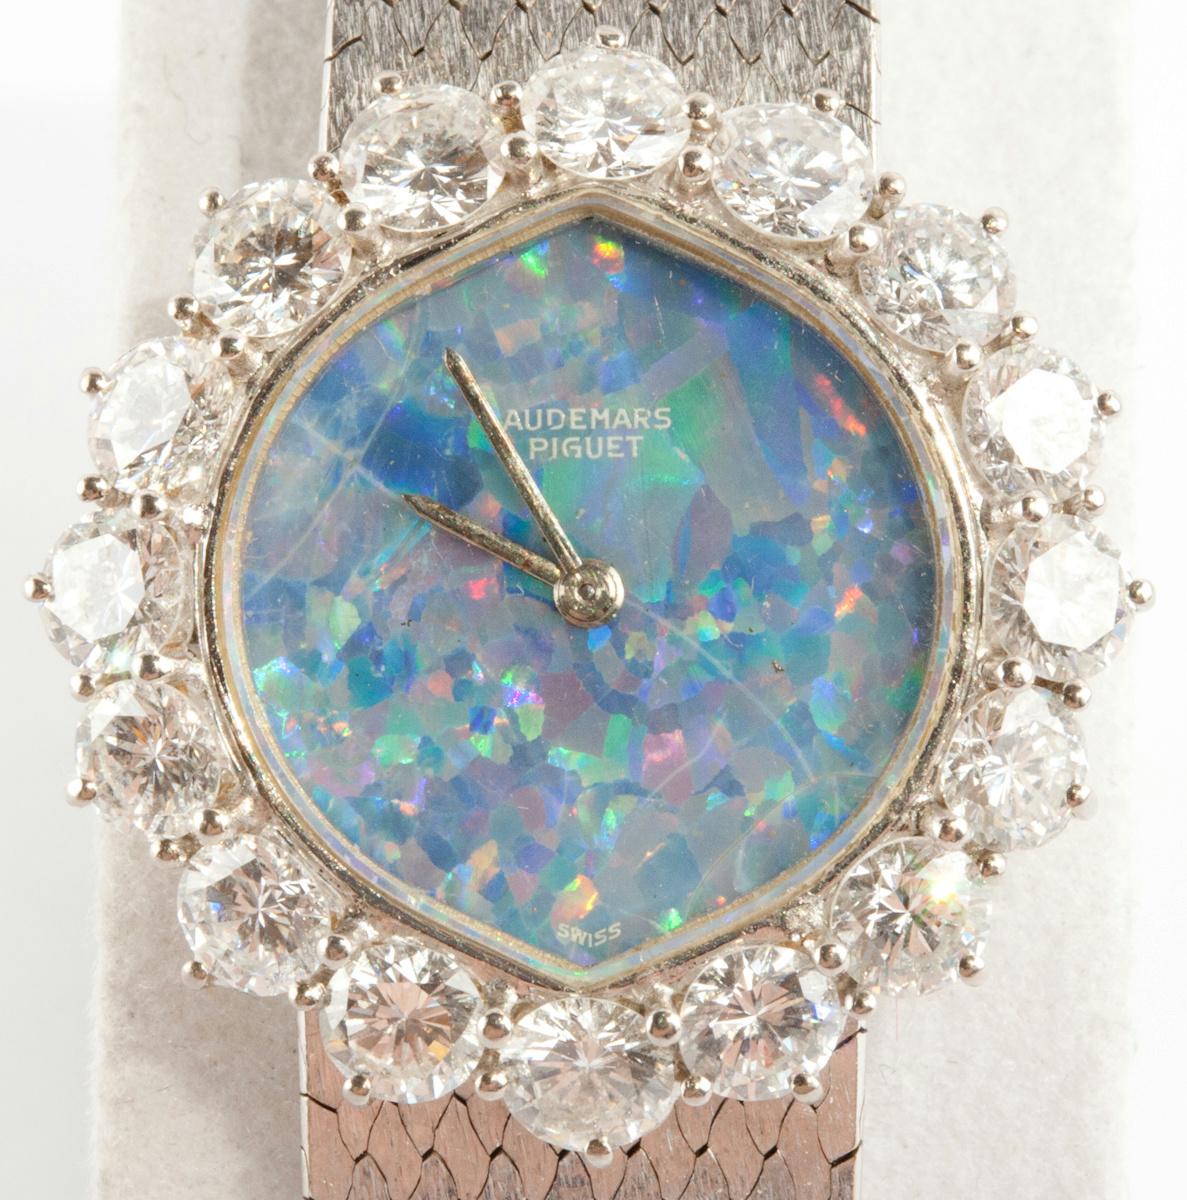 Vintage 1960 S 18k White Gold Audemars Piguet Opal